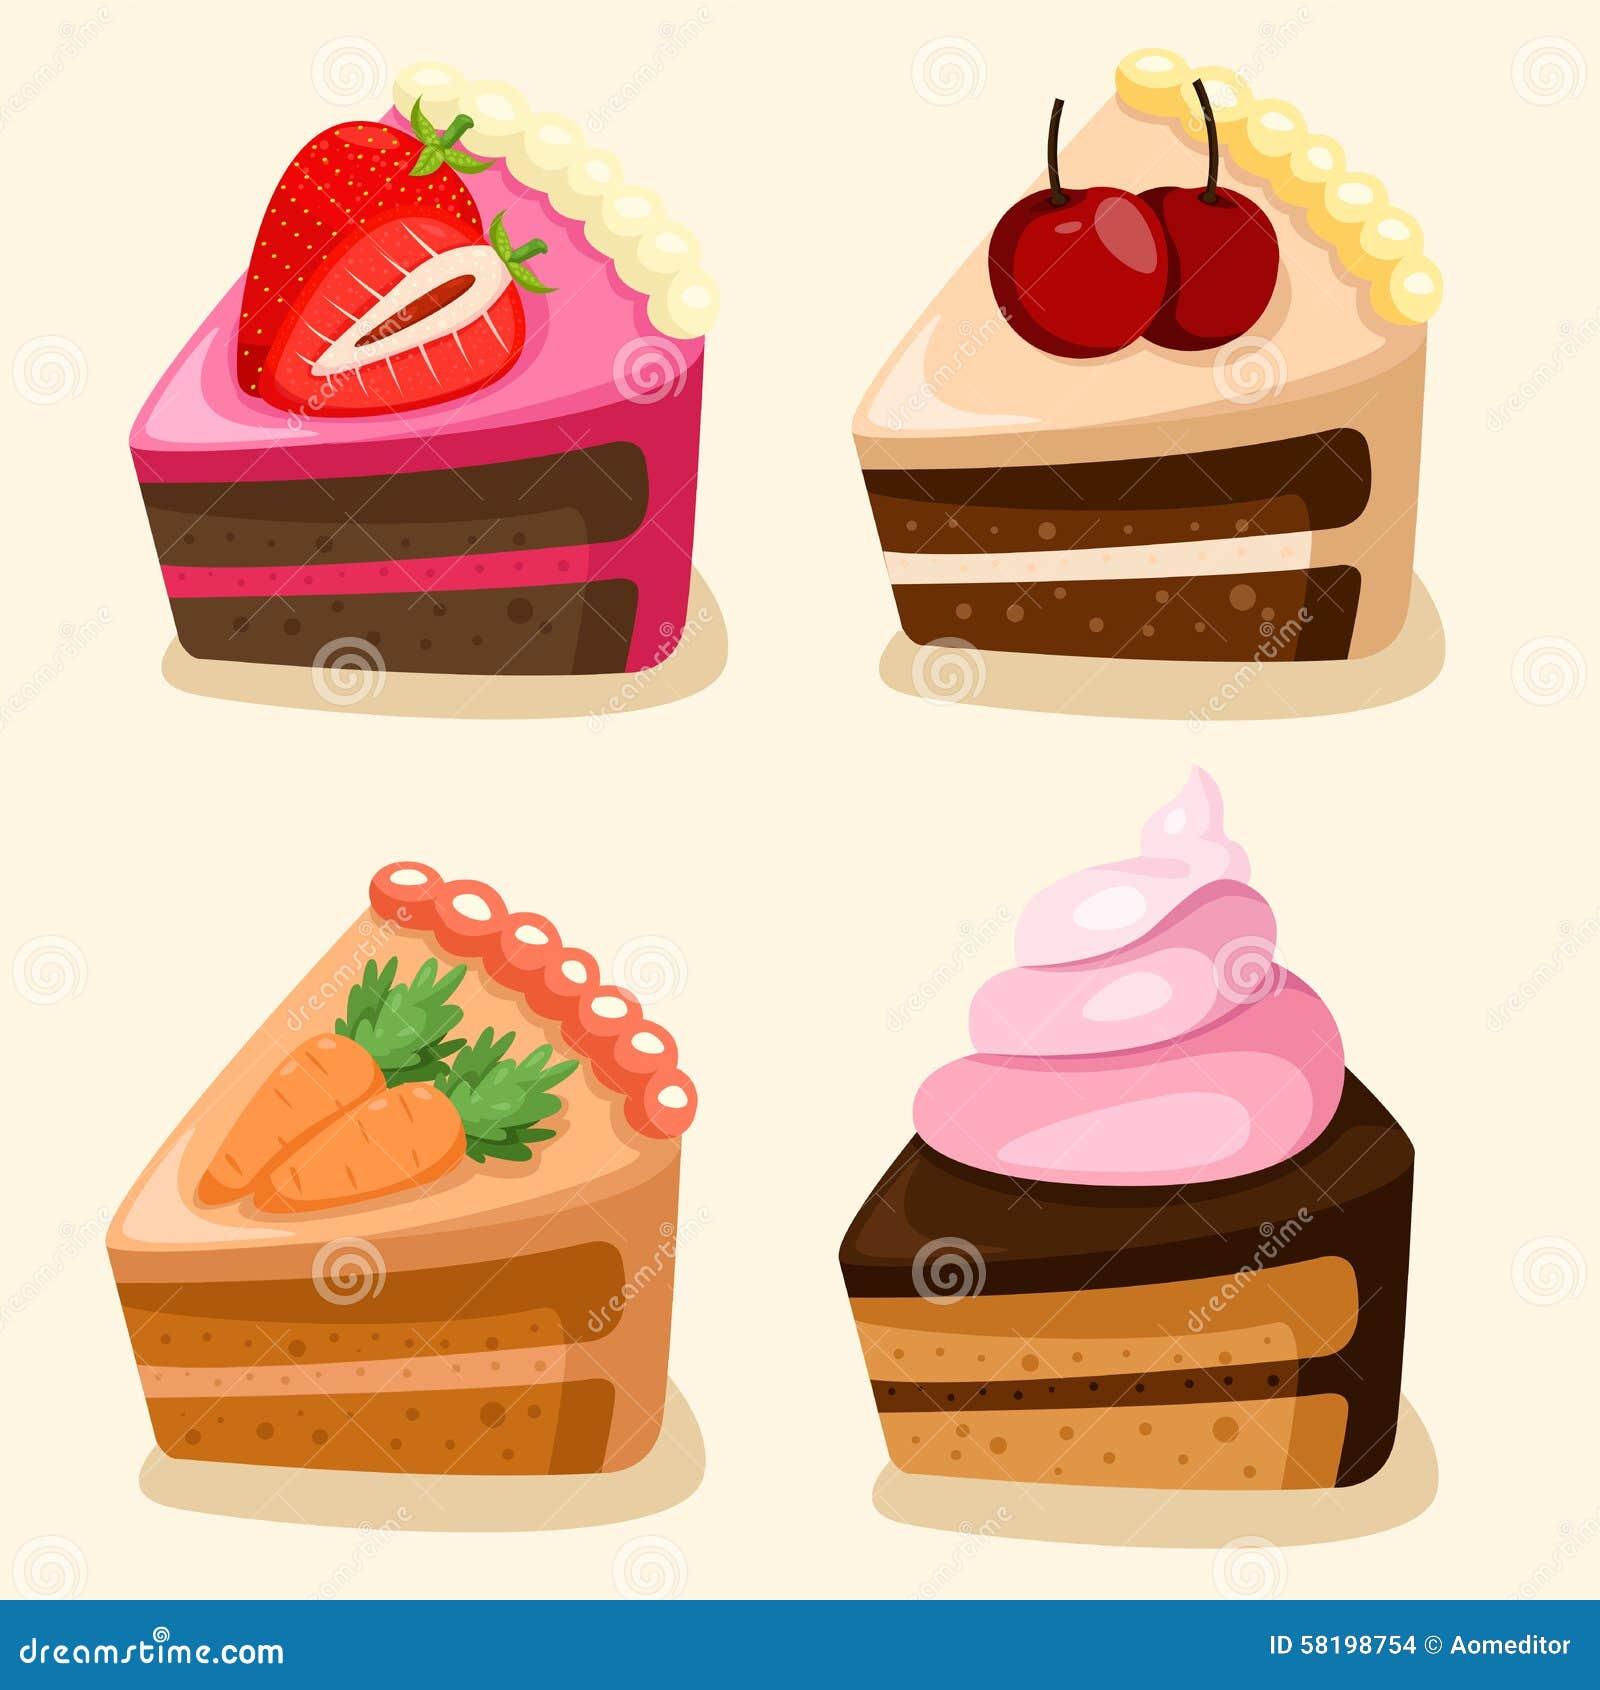 Birthday Cake For An Illustrator